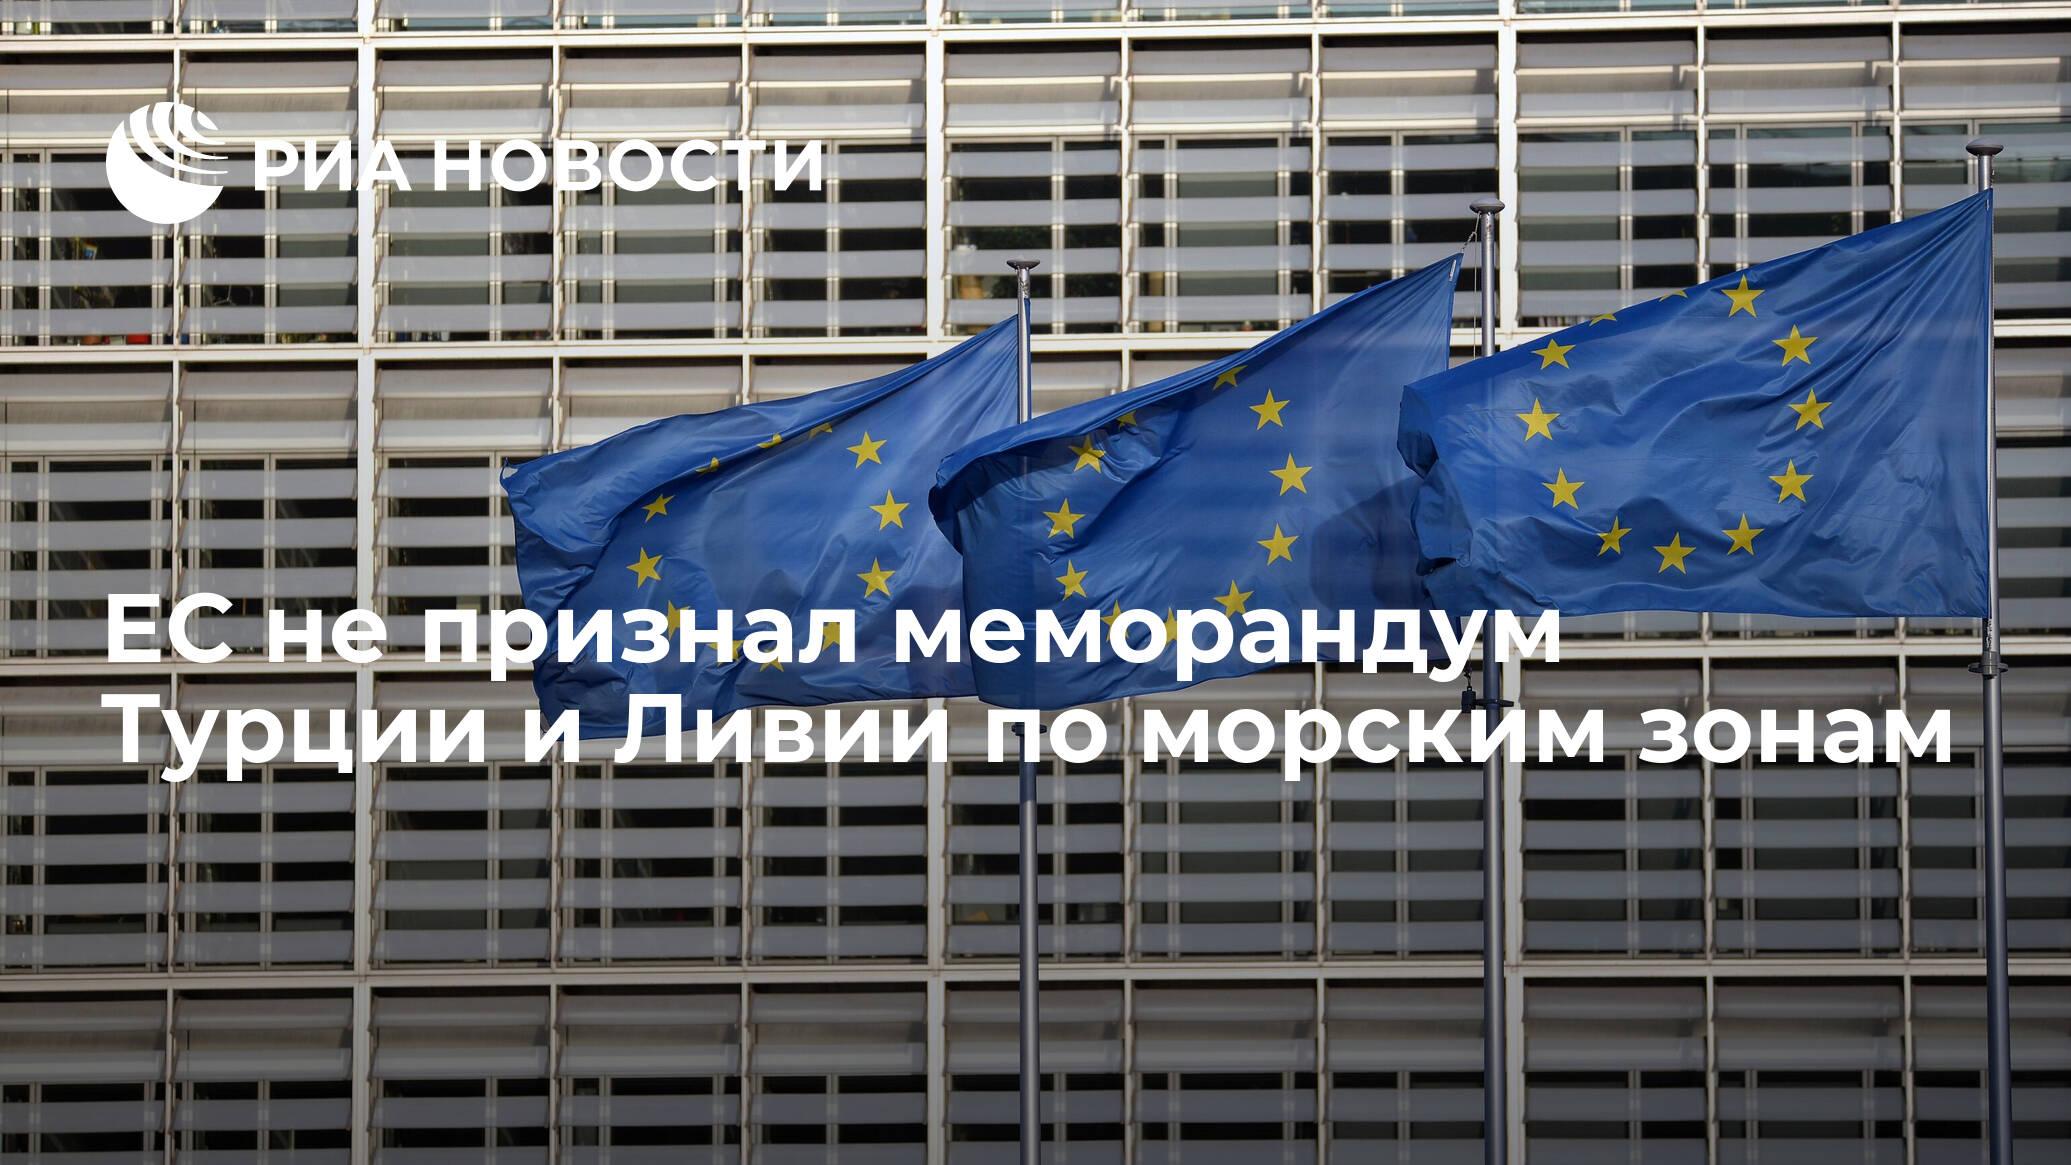 ЕС не признал меморандум Турции и Ливии по морским зонам